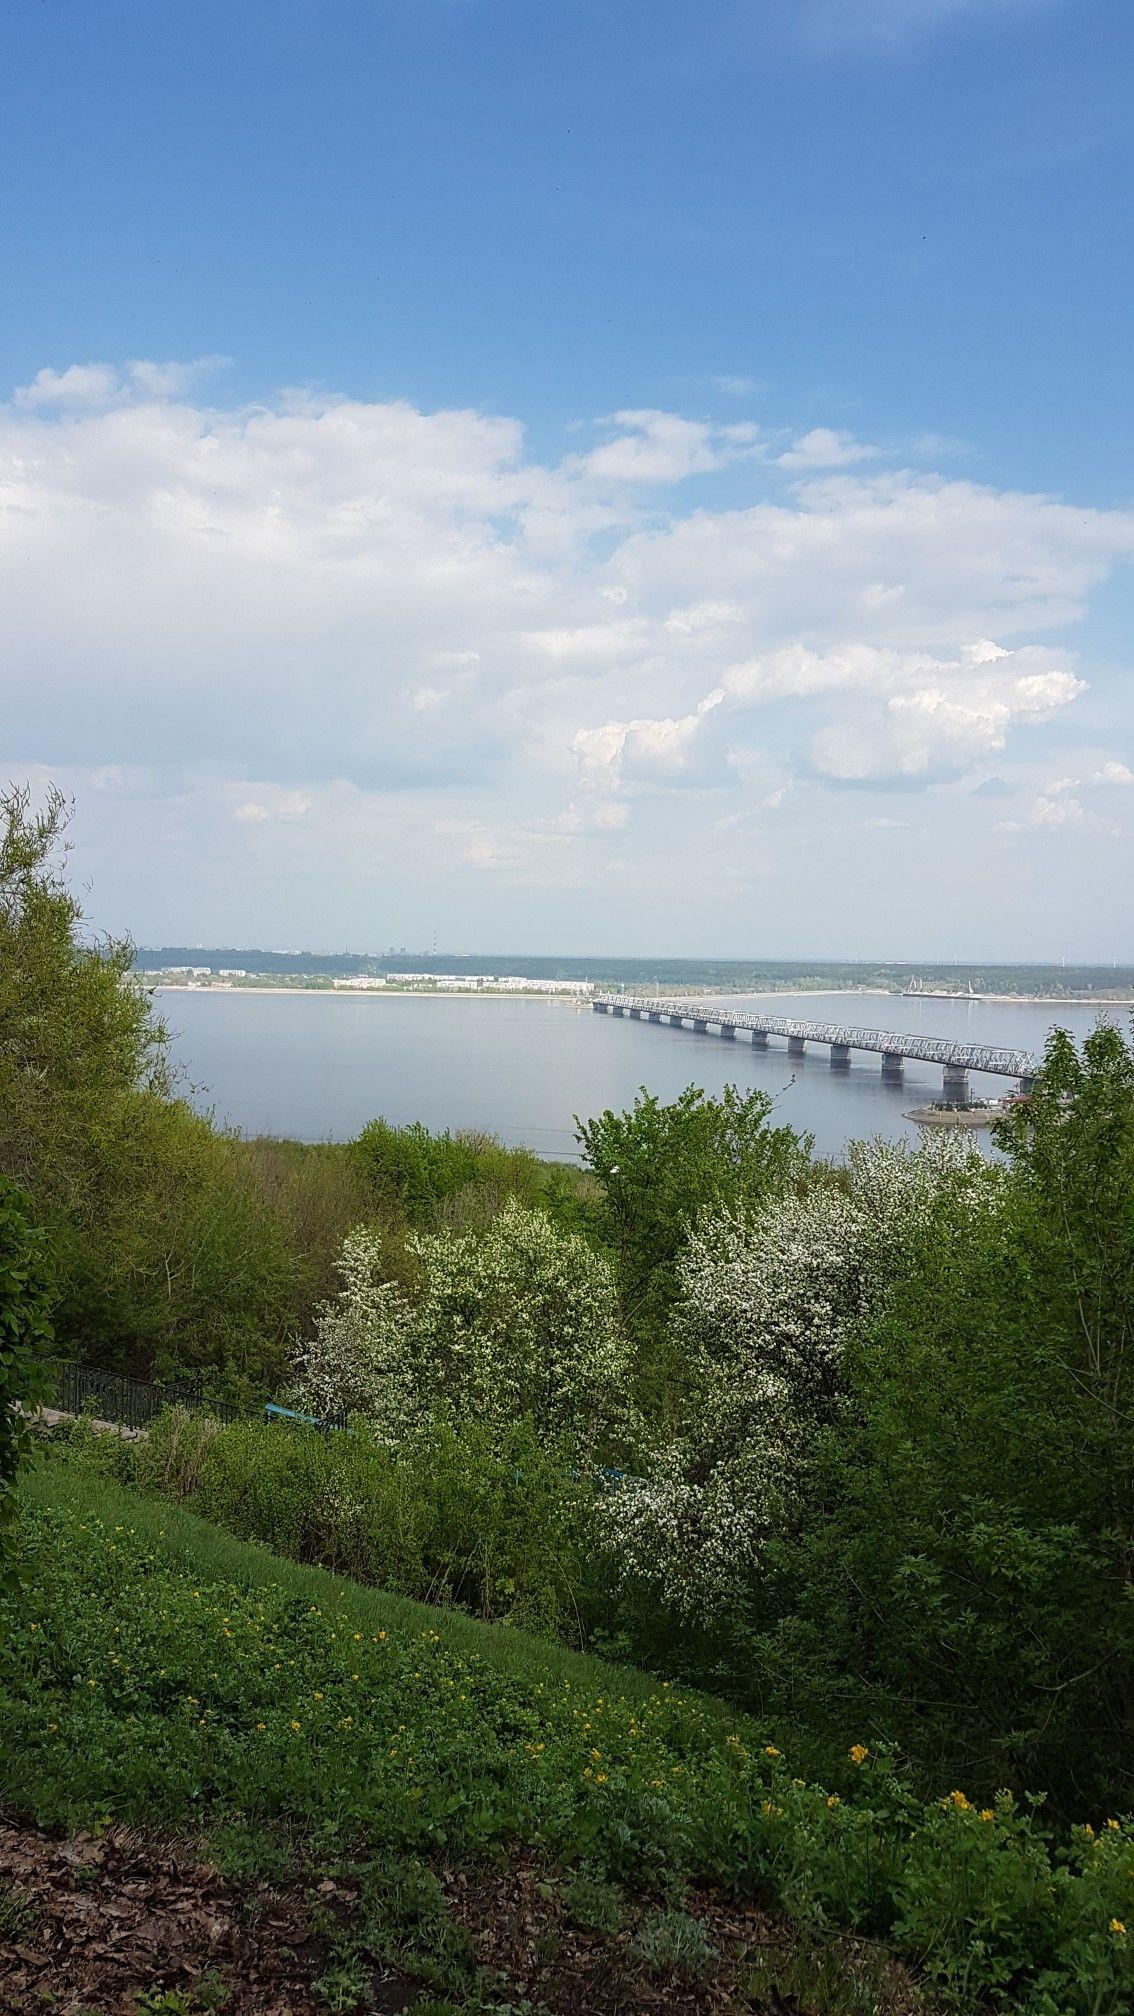 Ульяновск, Россия. Река Волга. Ulyanovsk, Russia. Volga ...